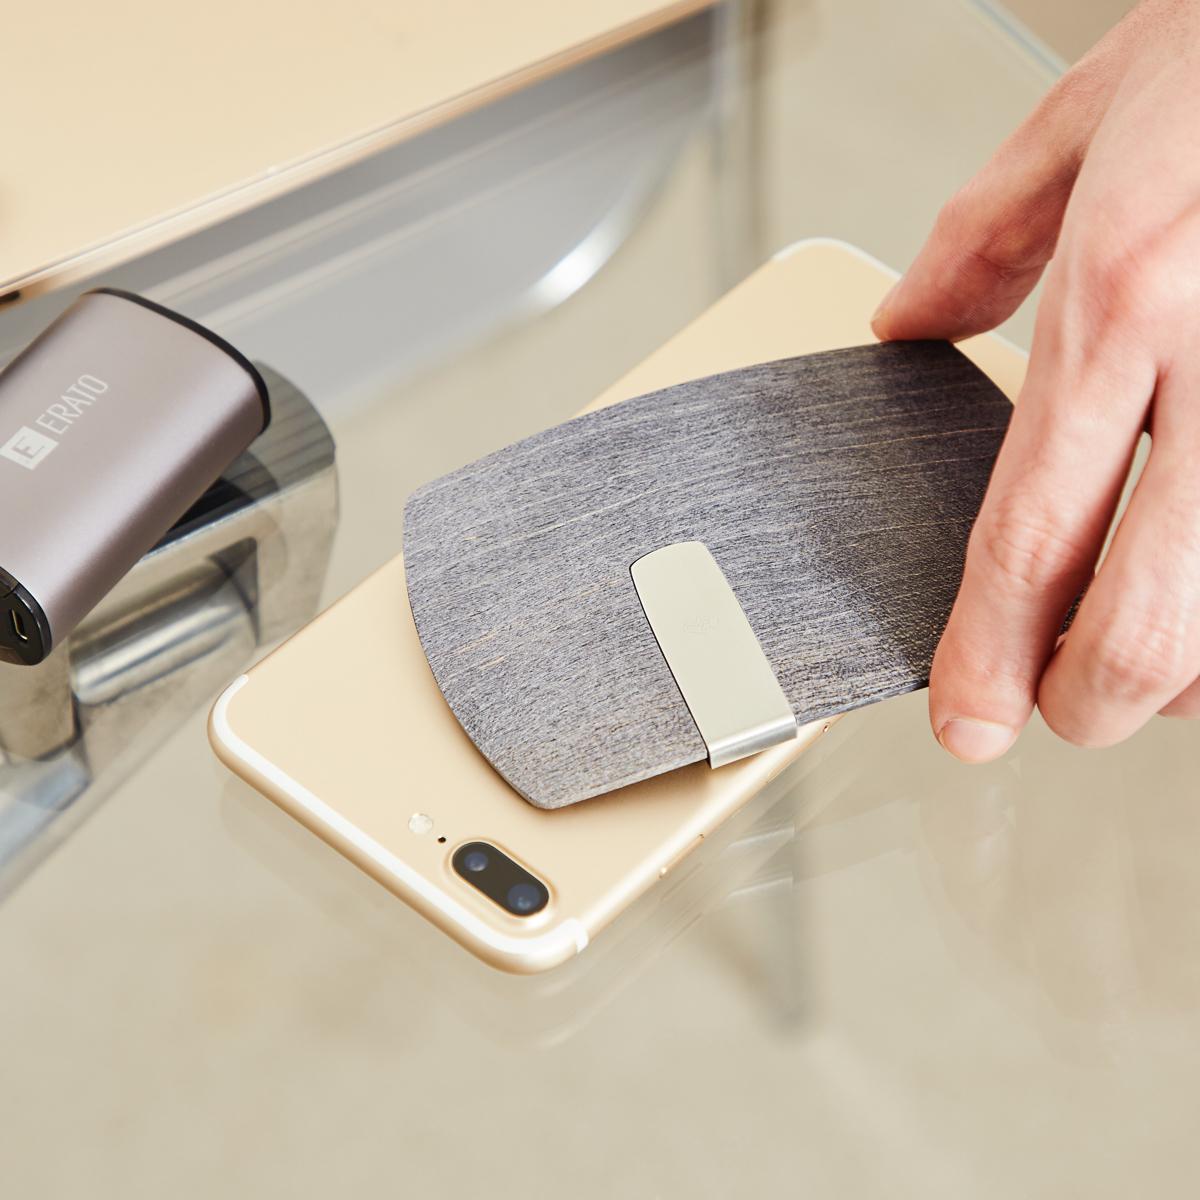 手ぶら外出ができる「木の財布」|《クルミ》カード3枚だけ持って、手ぶら外出できる「木の財布」|Smart Card Clip